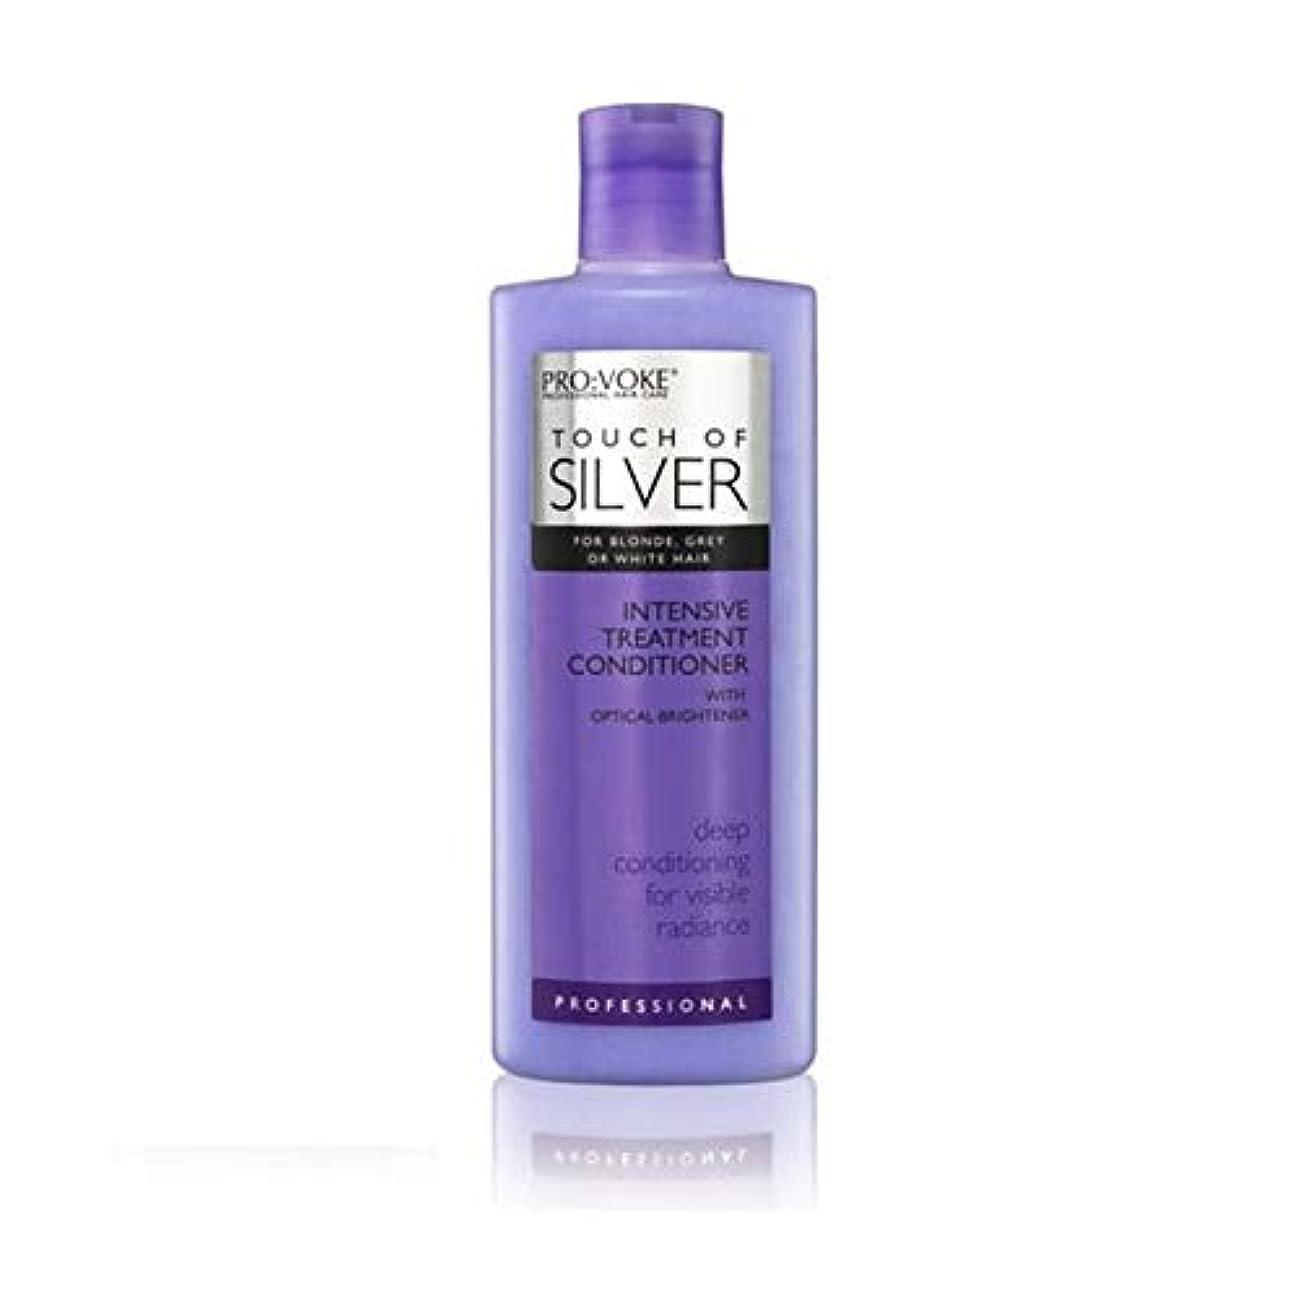 付き添い人マティス酔う[Pro:Voke] プロ:銀の集中的な紫色のコンディショナー150ミリリットルのVokeタッチ - PRO:VOKE Touch Of Silver Intensive Purple Conditioner 150ml...